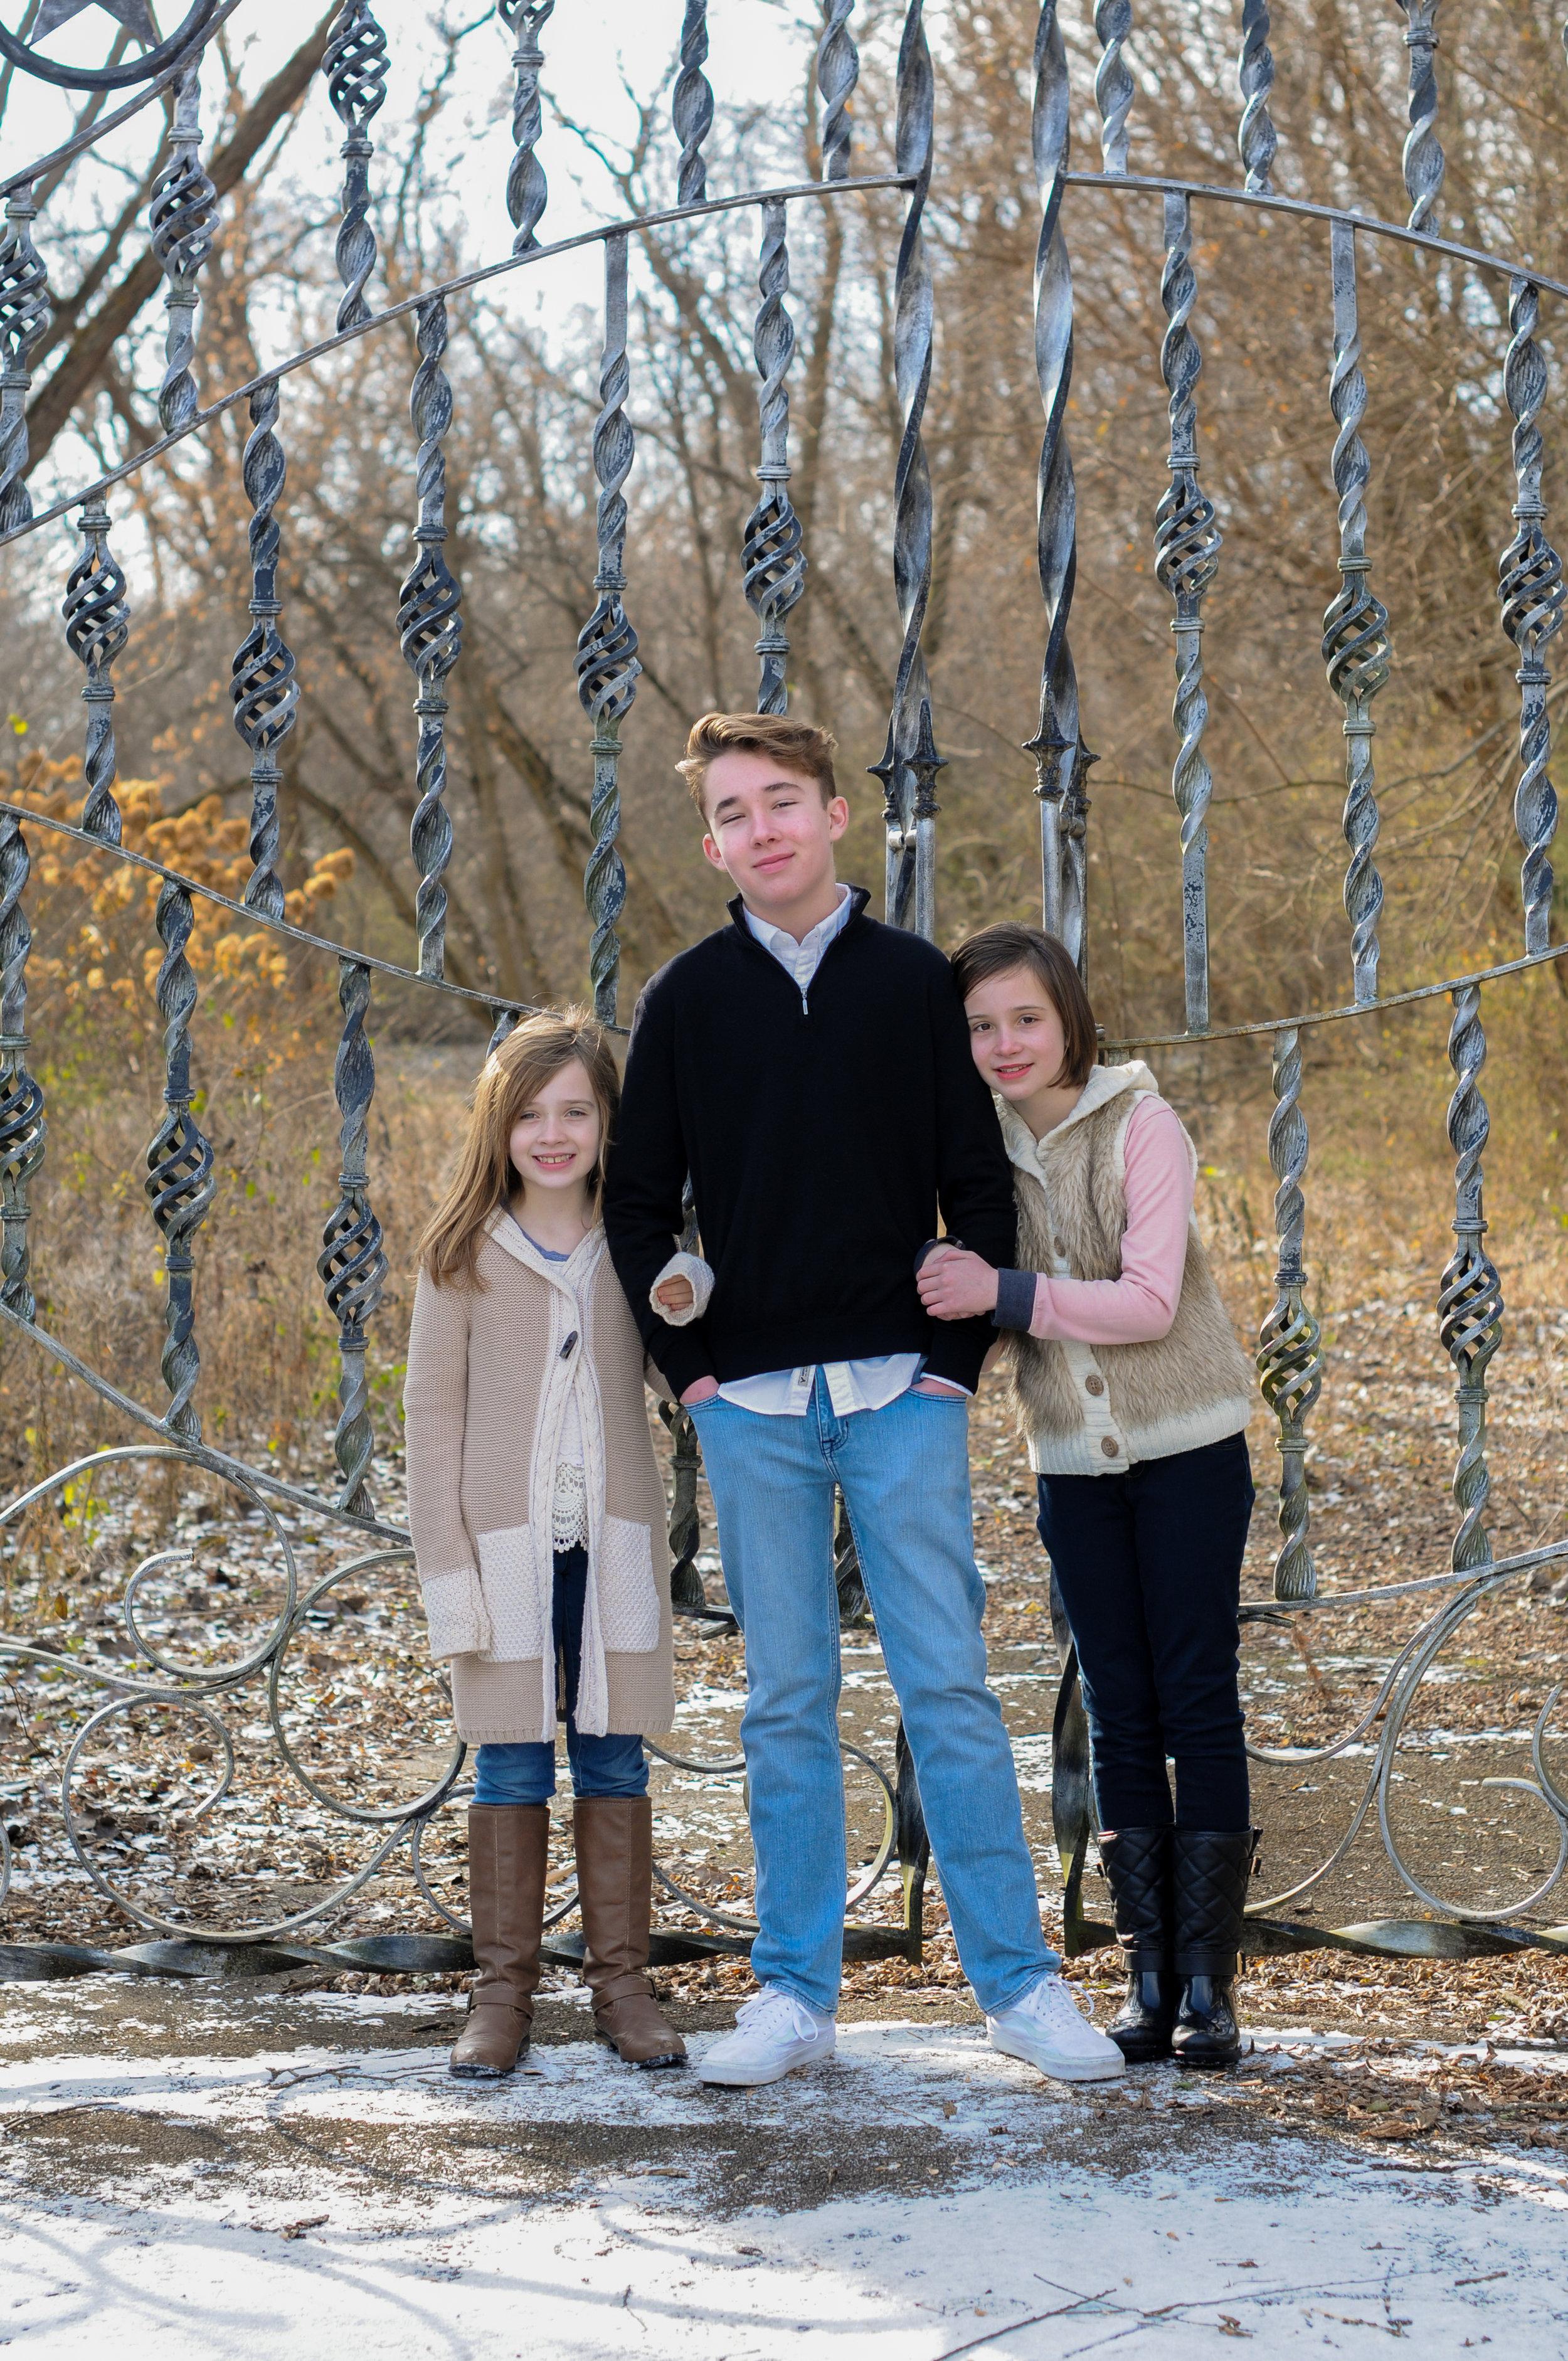 Desertbloom Las Vegas Family Photography (11 of 25).jpg